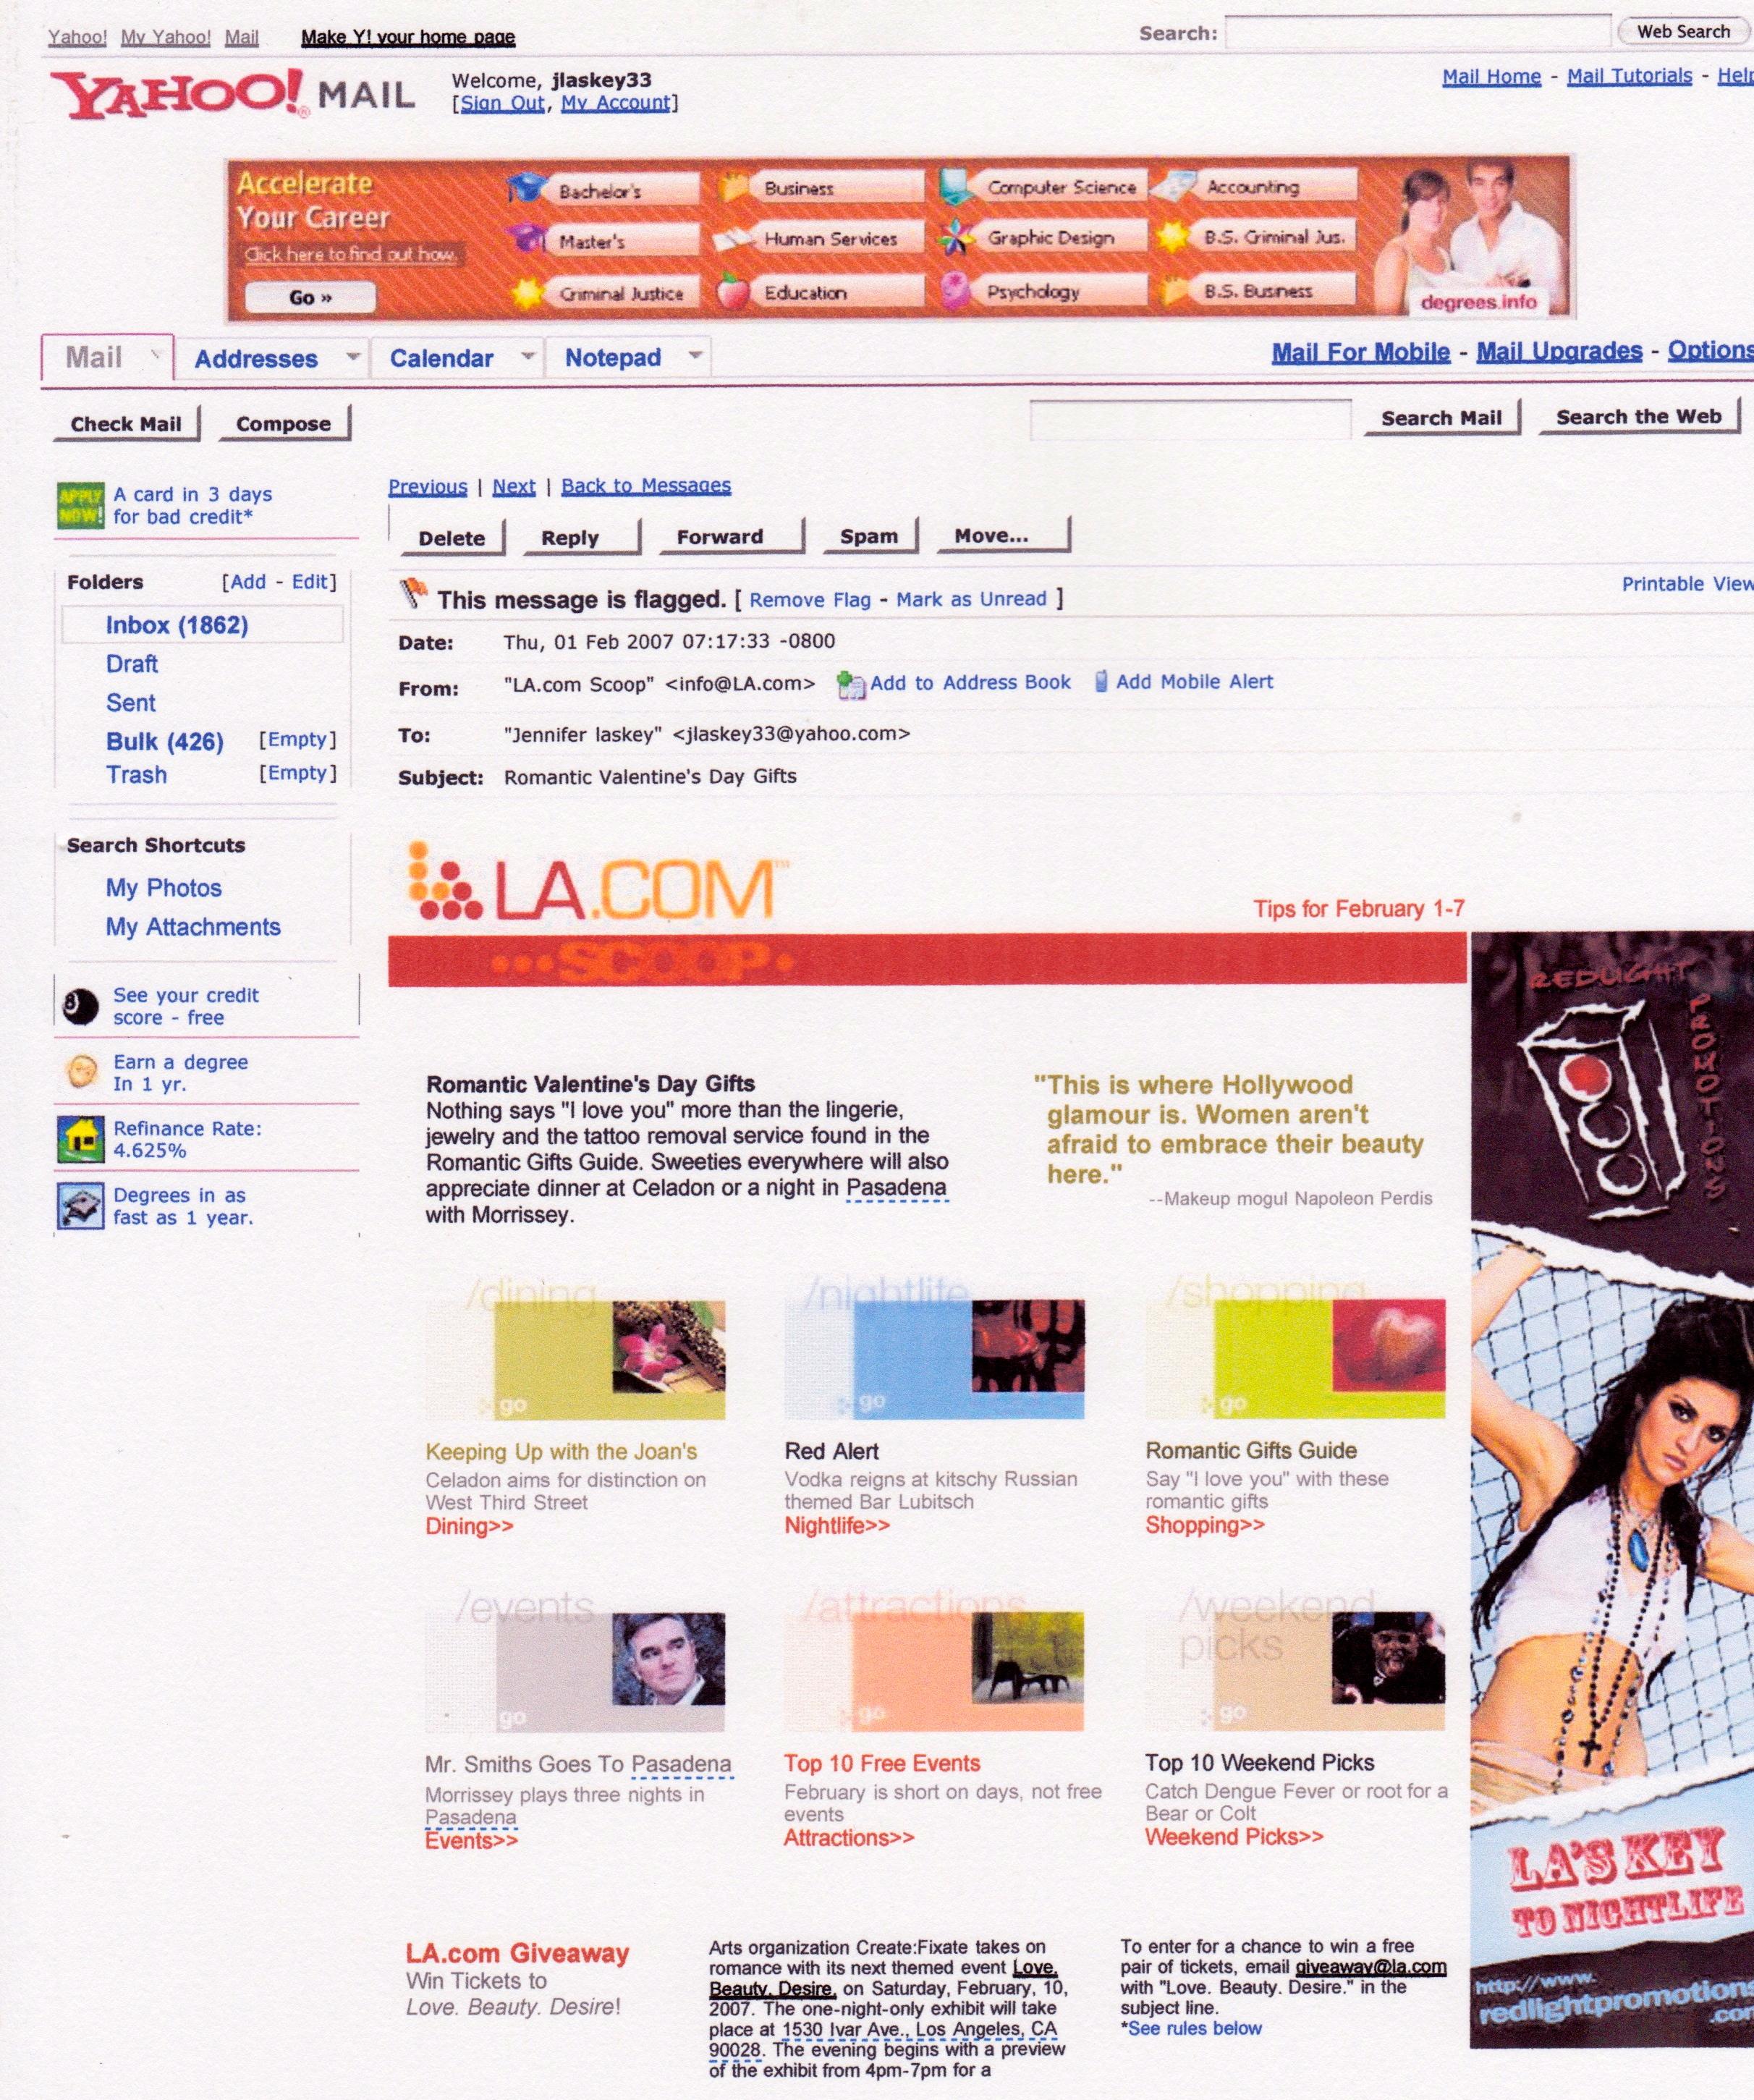 LA.com_4.jpeg